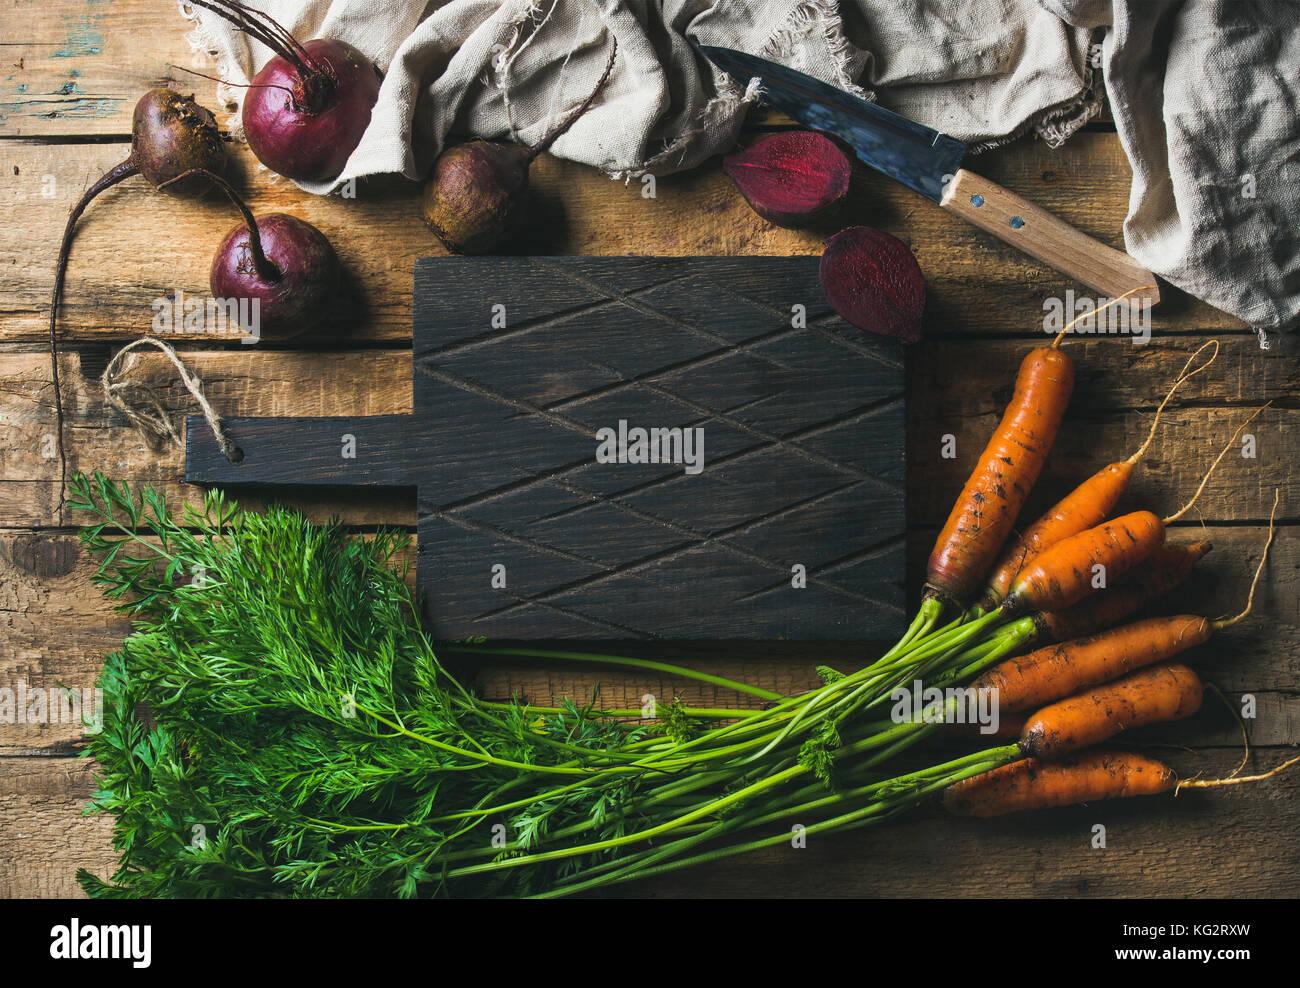 Jardín zanahorias o remolachas con placa de corte oscuro en el centro Imagen De Stock